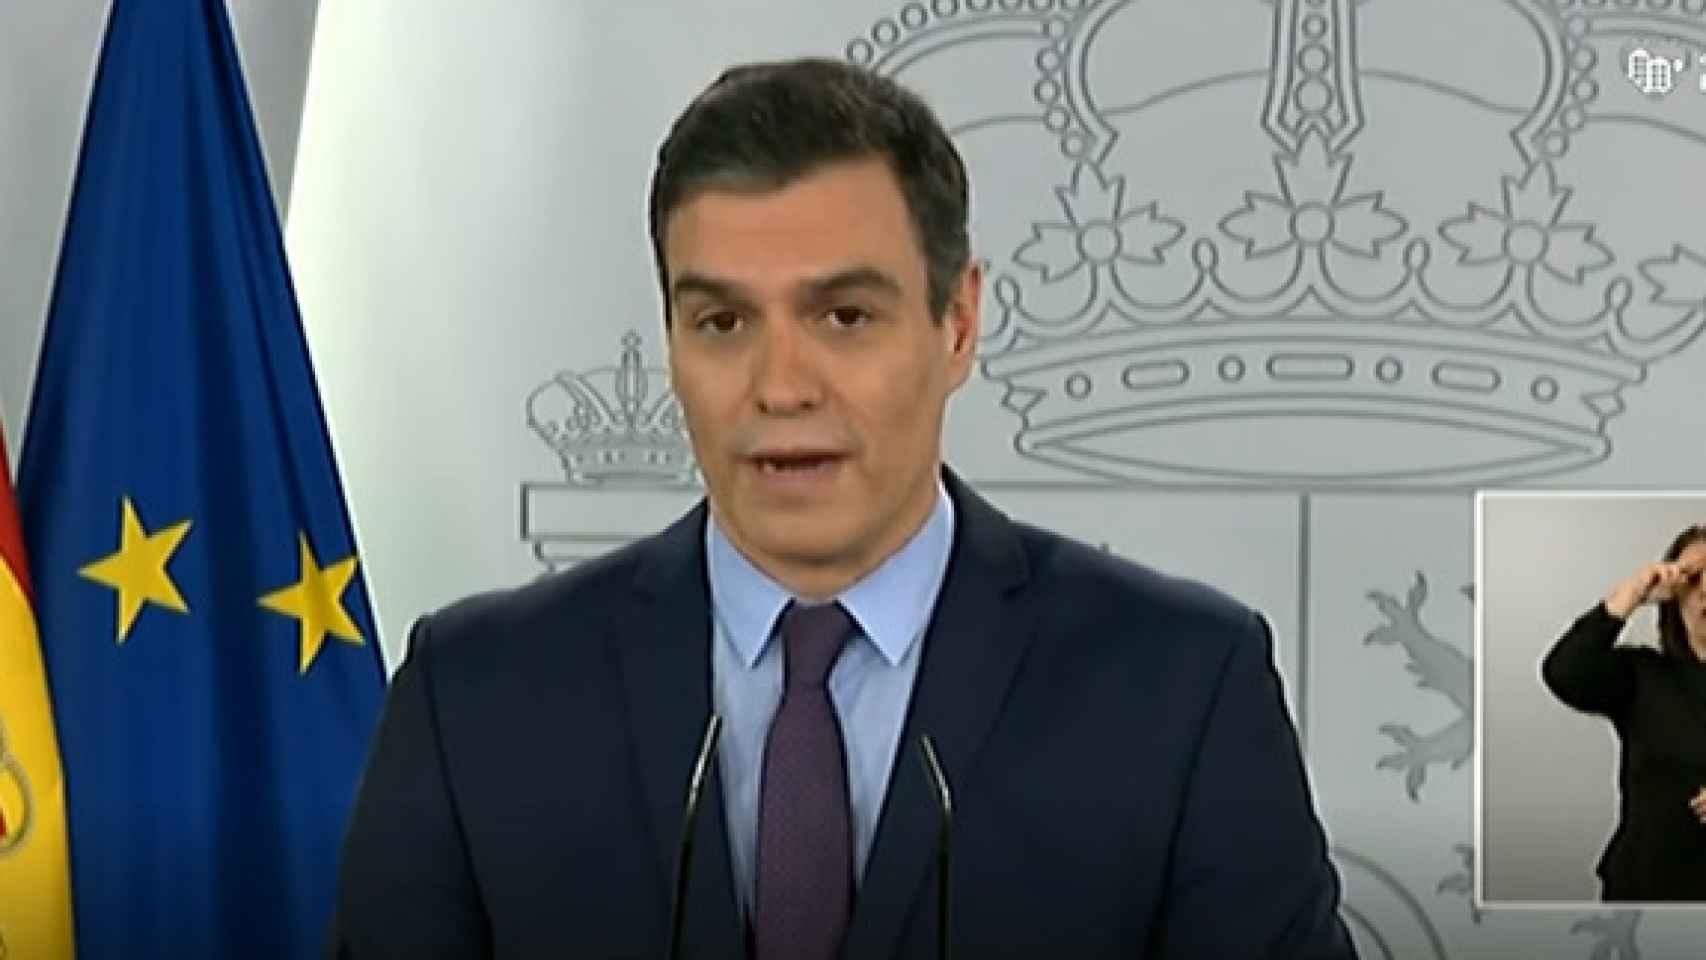 El presidente del Gobierno, Pedro Sánchez, durante su comparecencia.